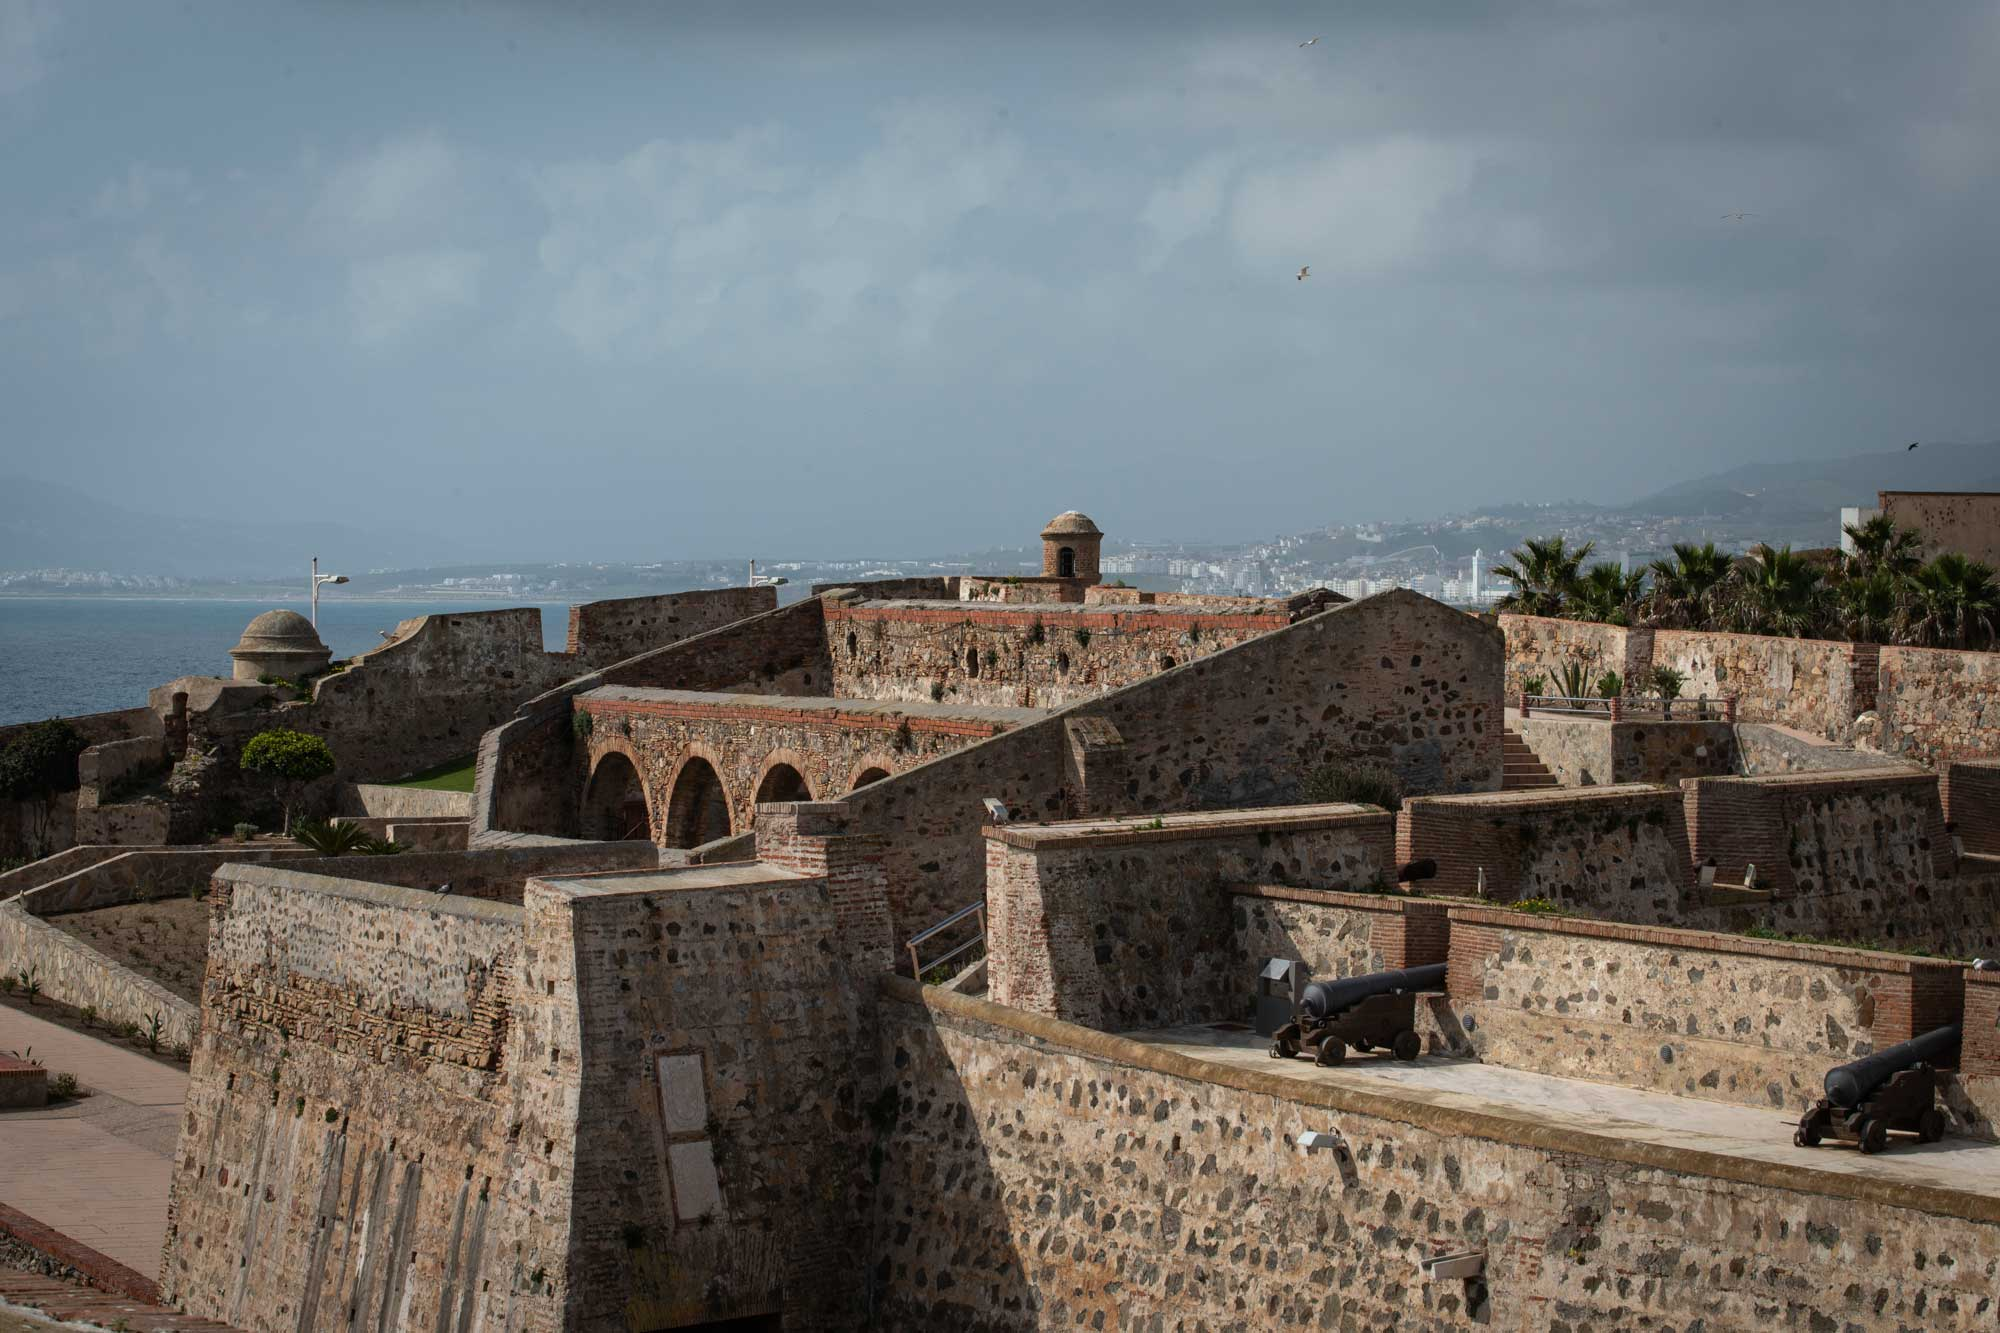 Vista de las Murallas Reales de Ceuta.